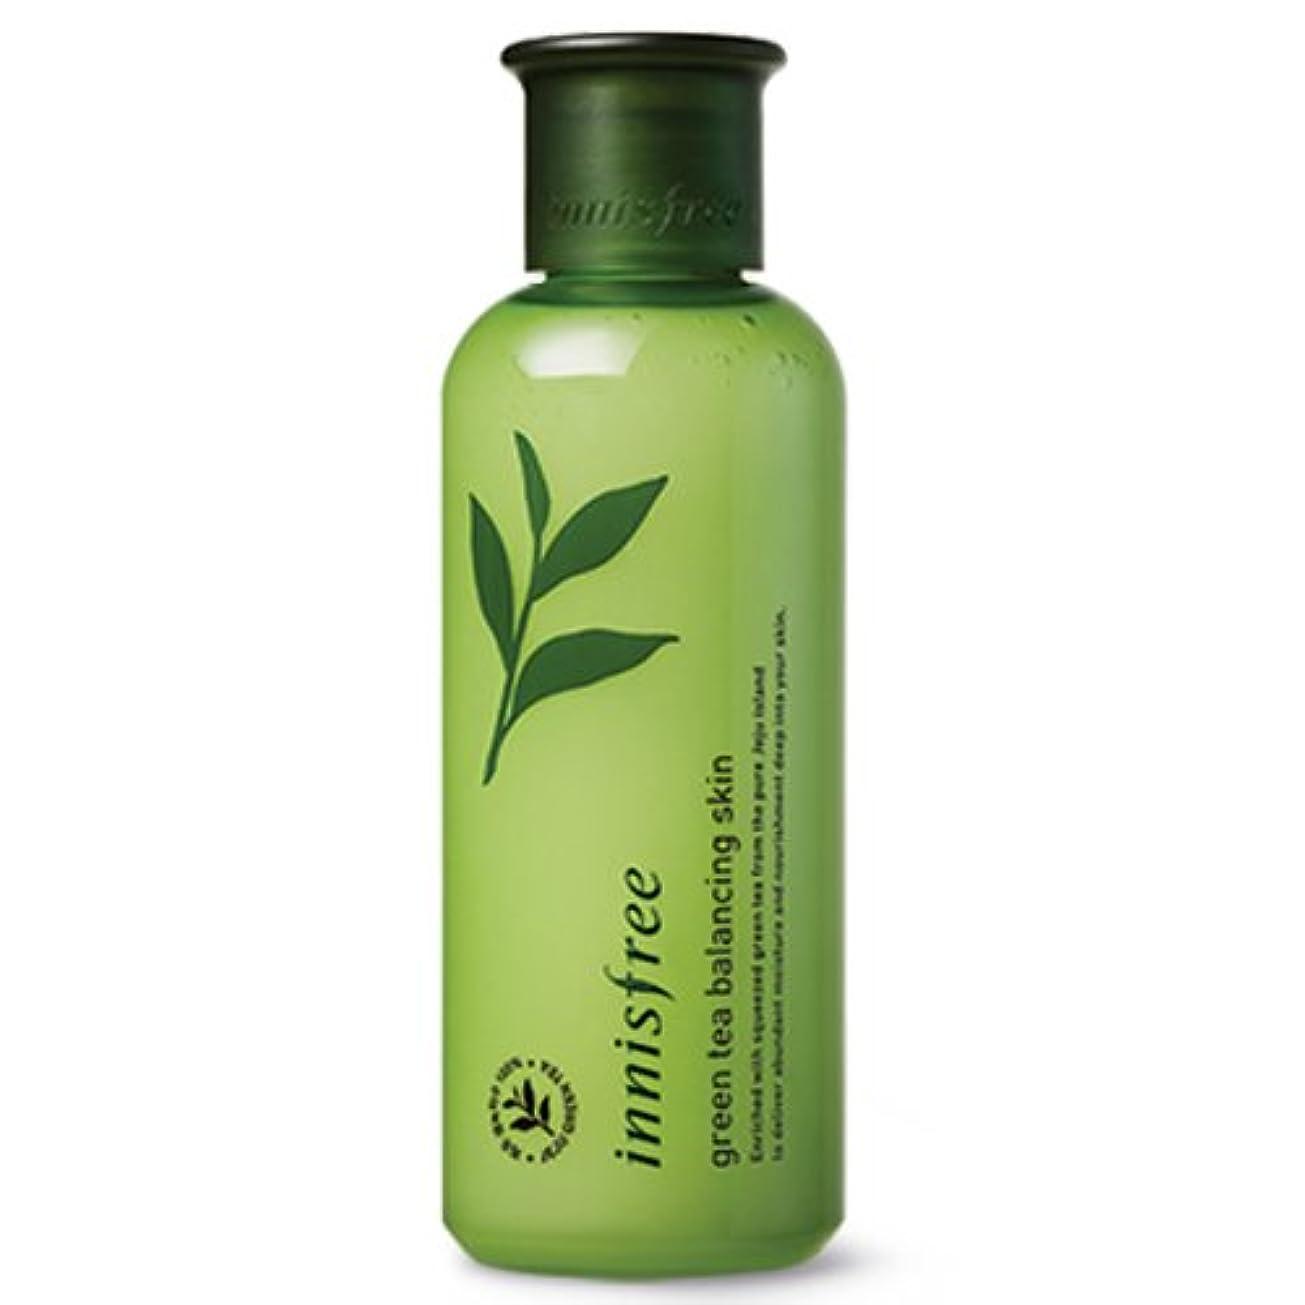 ペナルティデコードする喜び[INNISFREE]イニスフリーグリーンティーバランシング スキン200ml green tea balancing skin 200ml